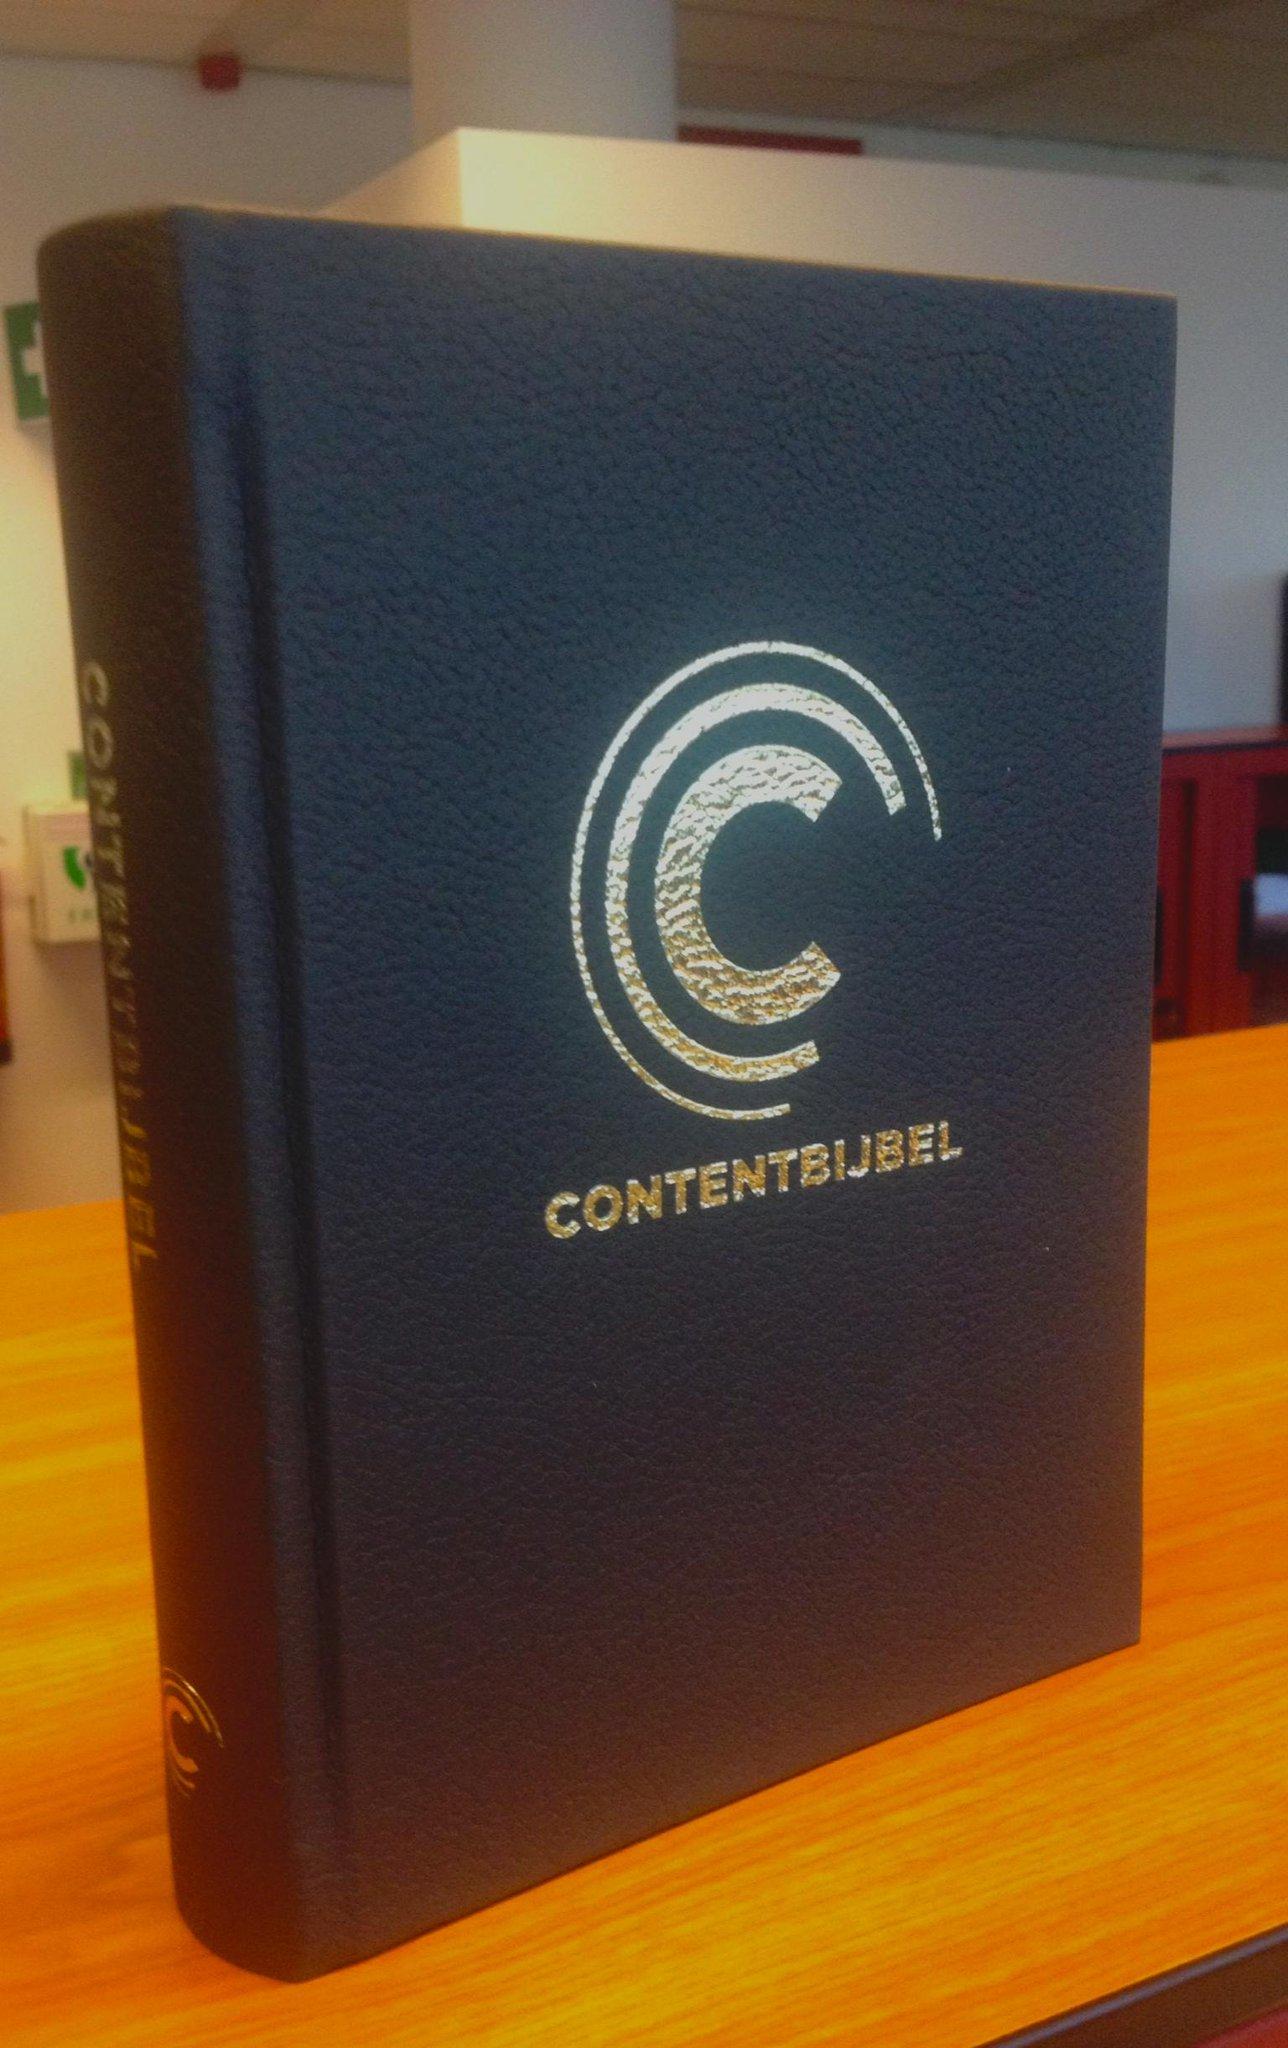 Hij is er. De #contentbijbel. 1/3 van 1e druk al verkocht! Profiteer van  introductiekorting:http://t.co/hpLE5pofTv http://t.co/f6DTiy9mnp